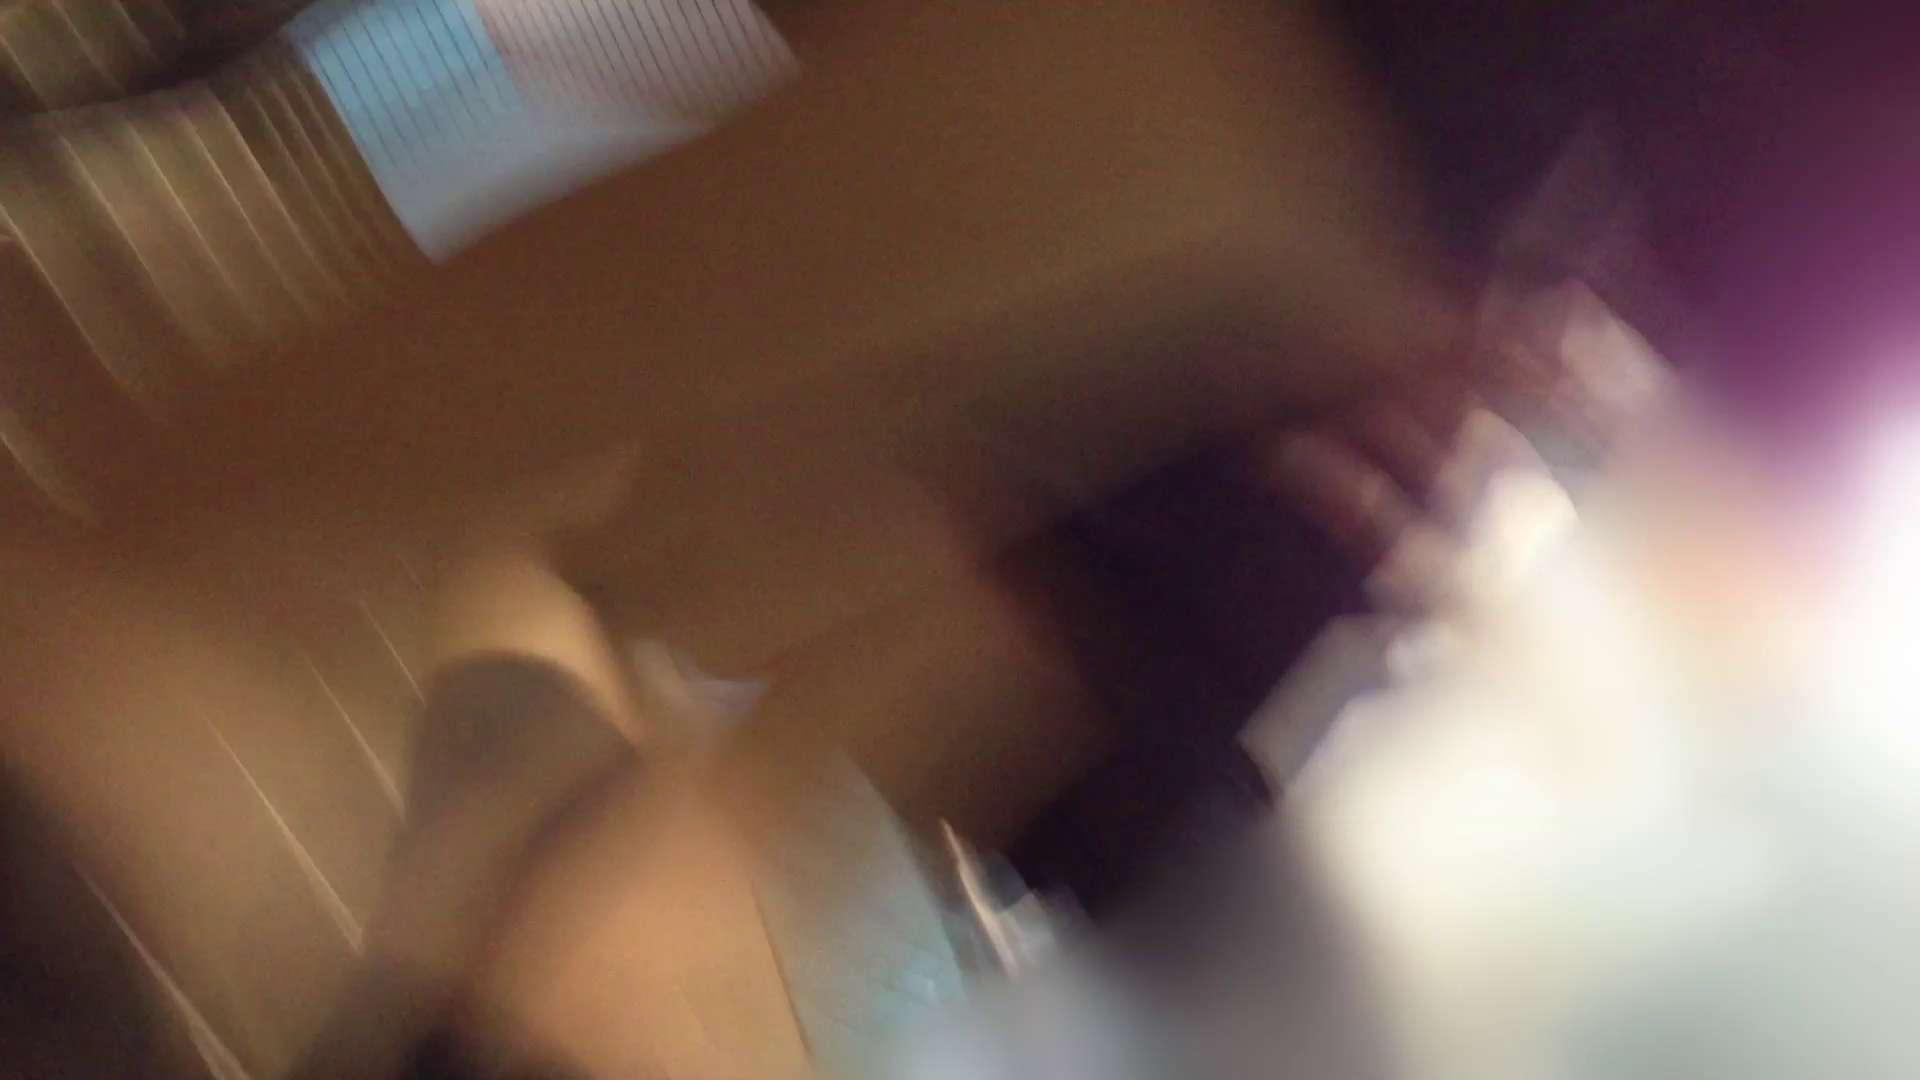 階段パンチラ Vol.02 パンツ特集  87画像 55